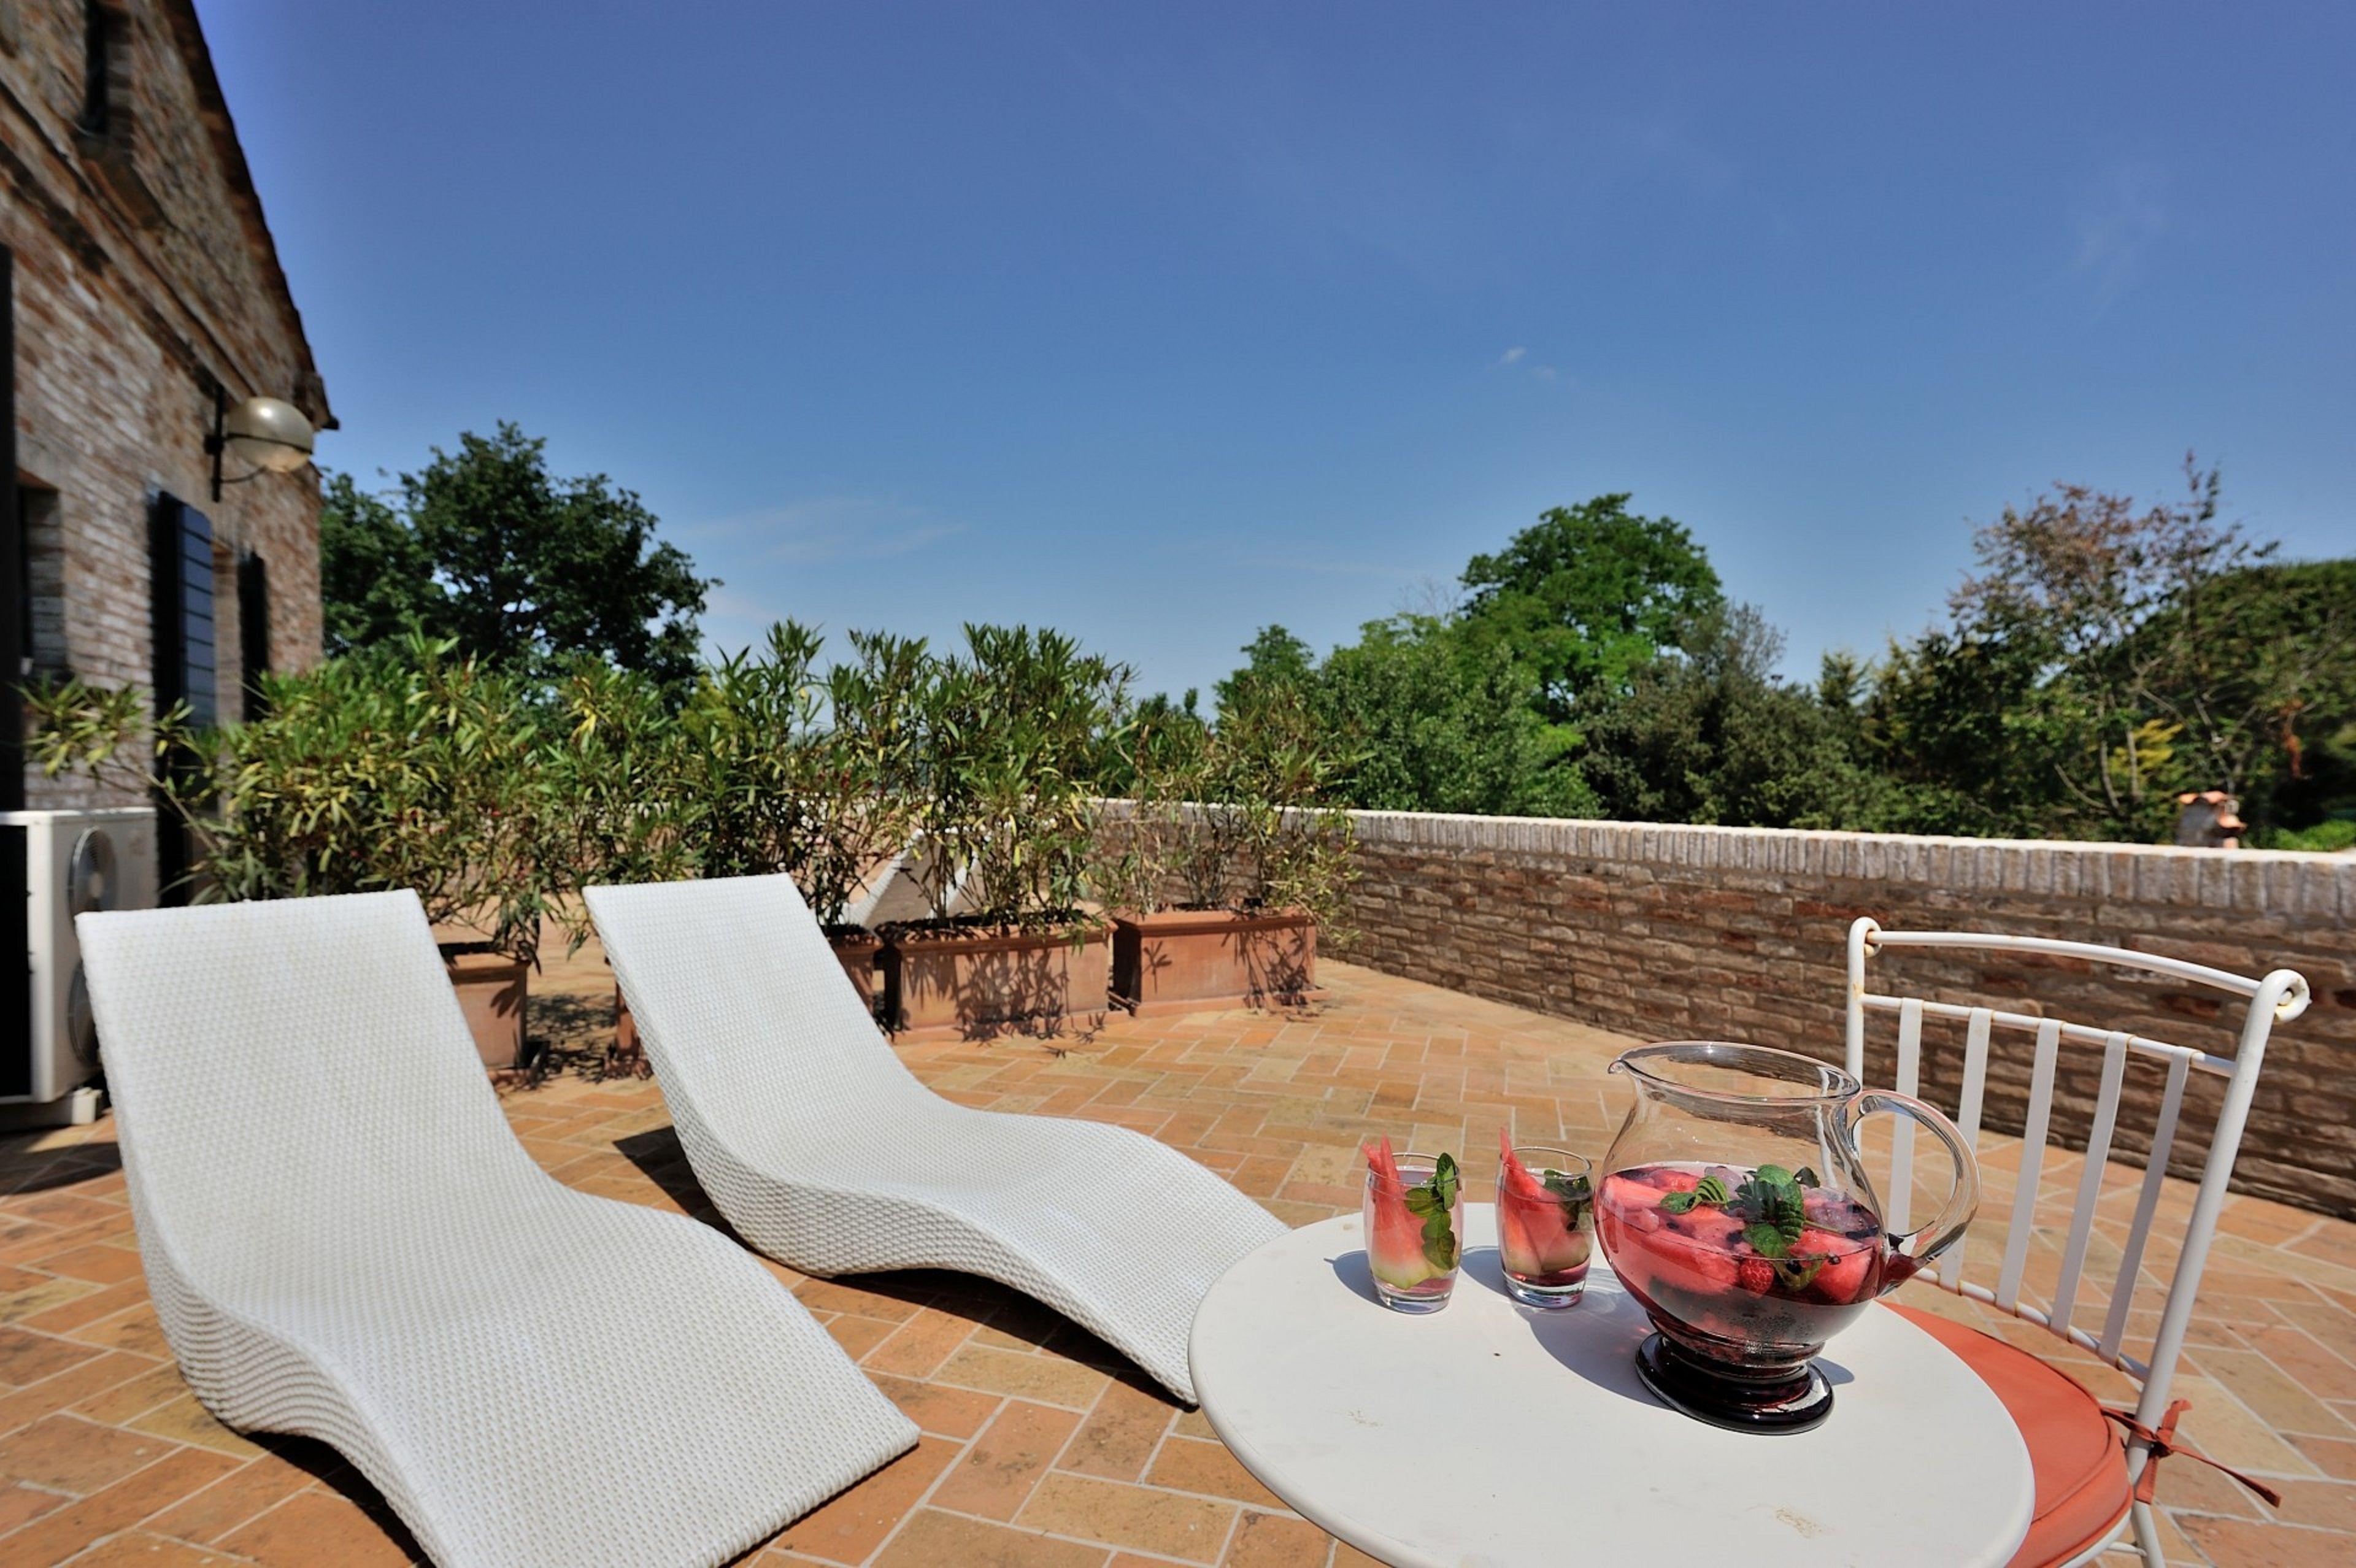 Apartment Tombolina Relais - Villa Tombolina photo 16772918